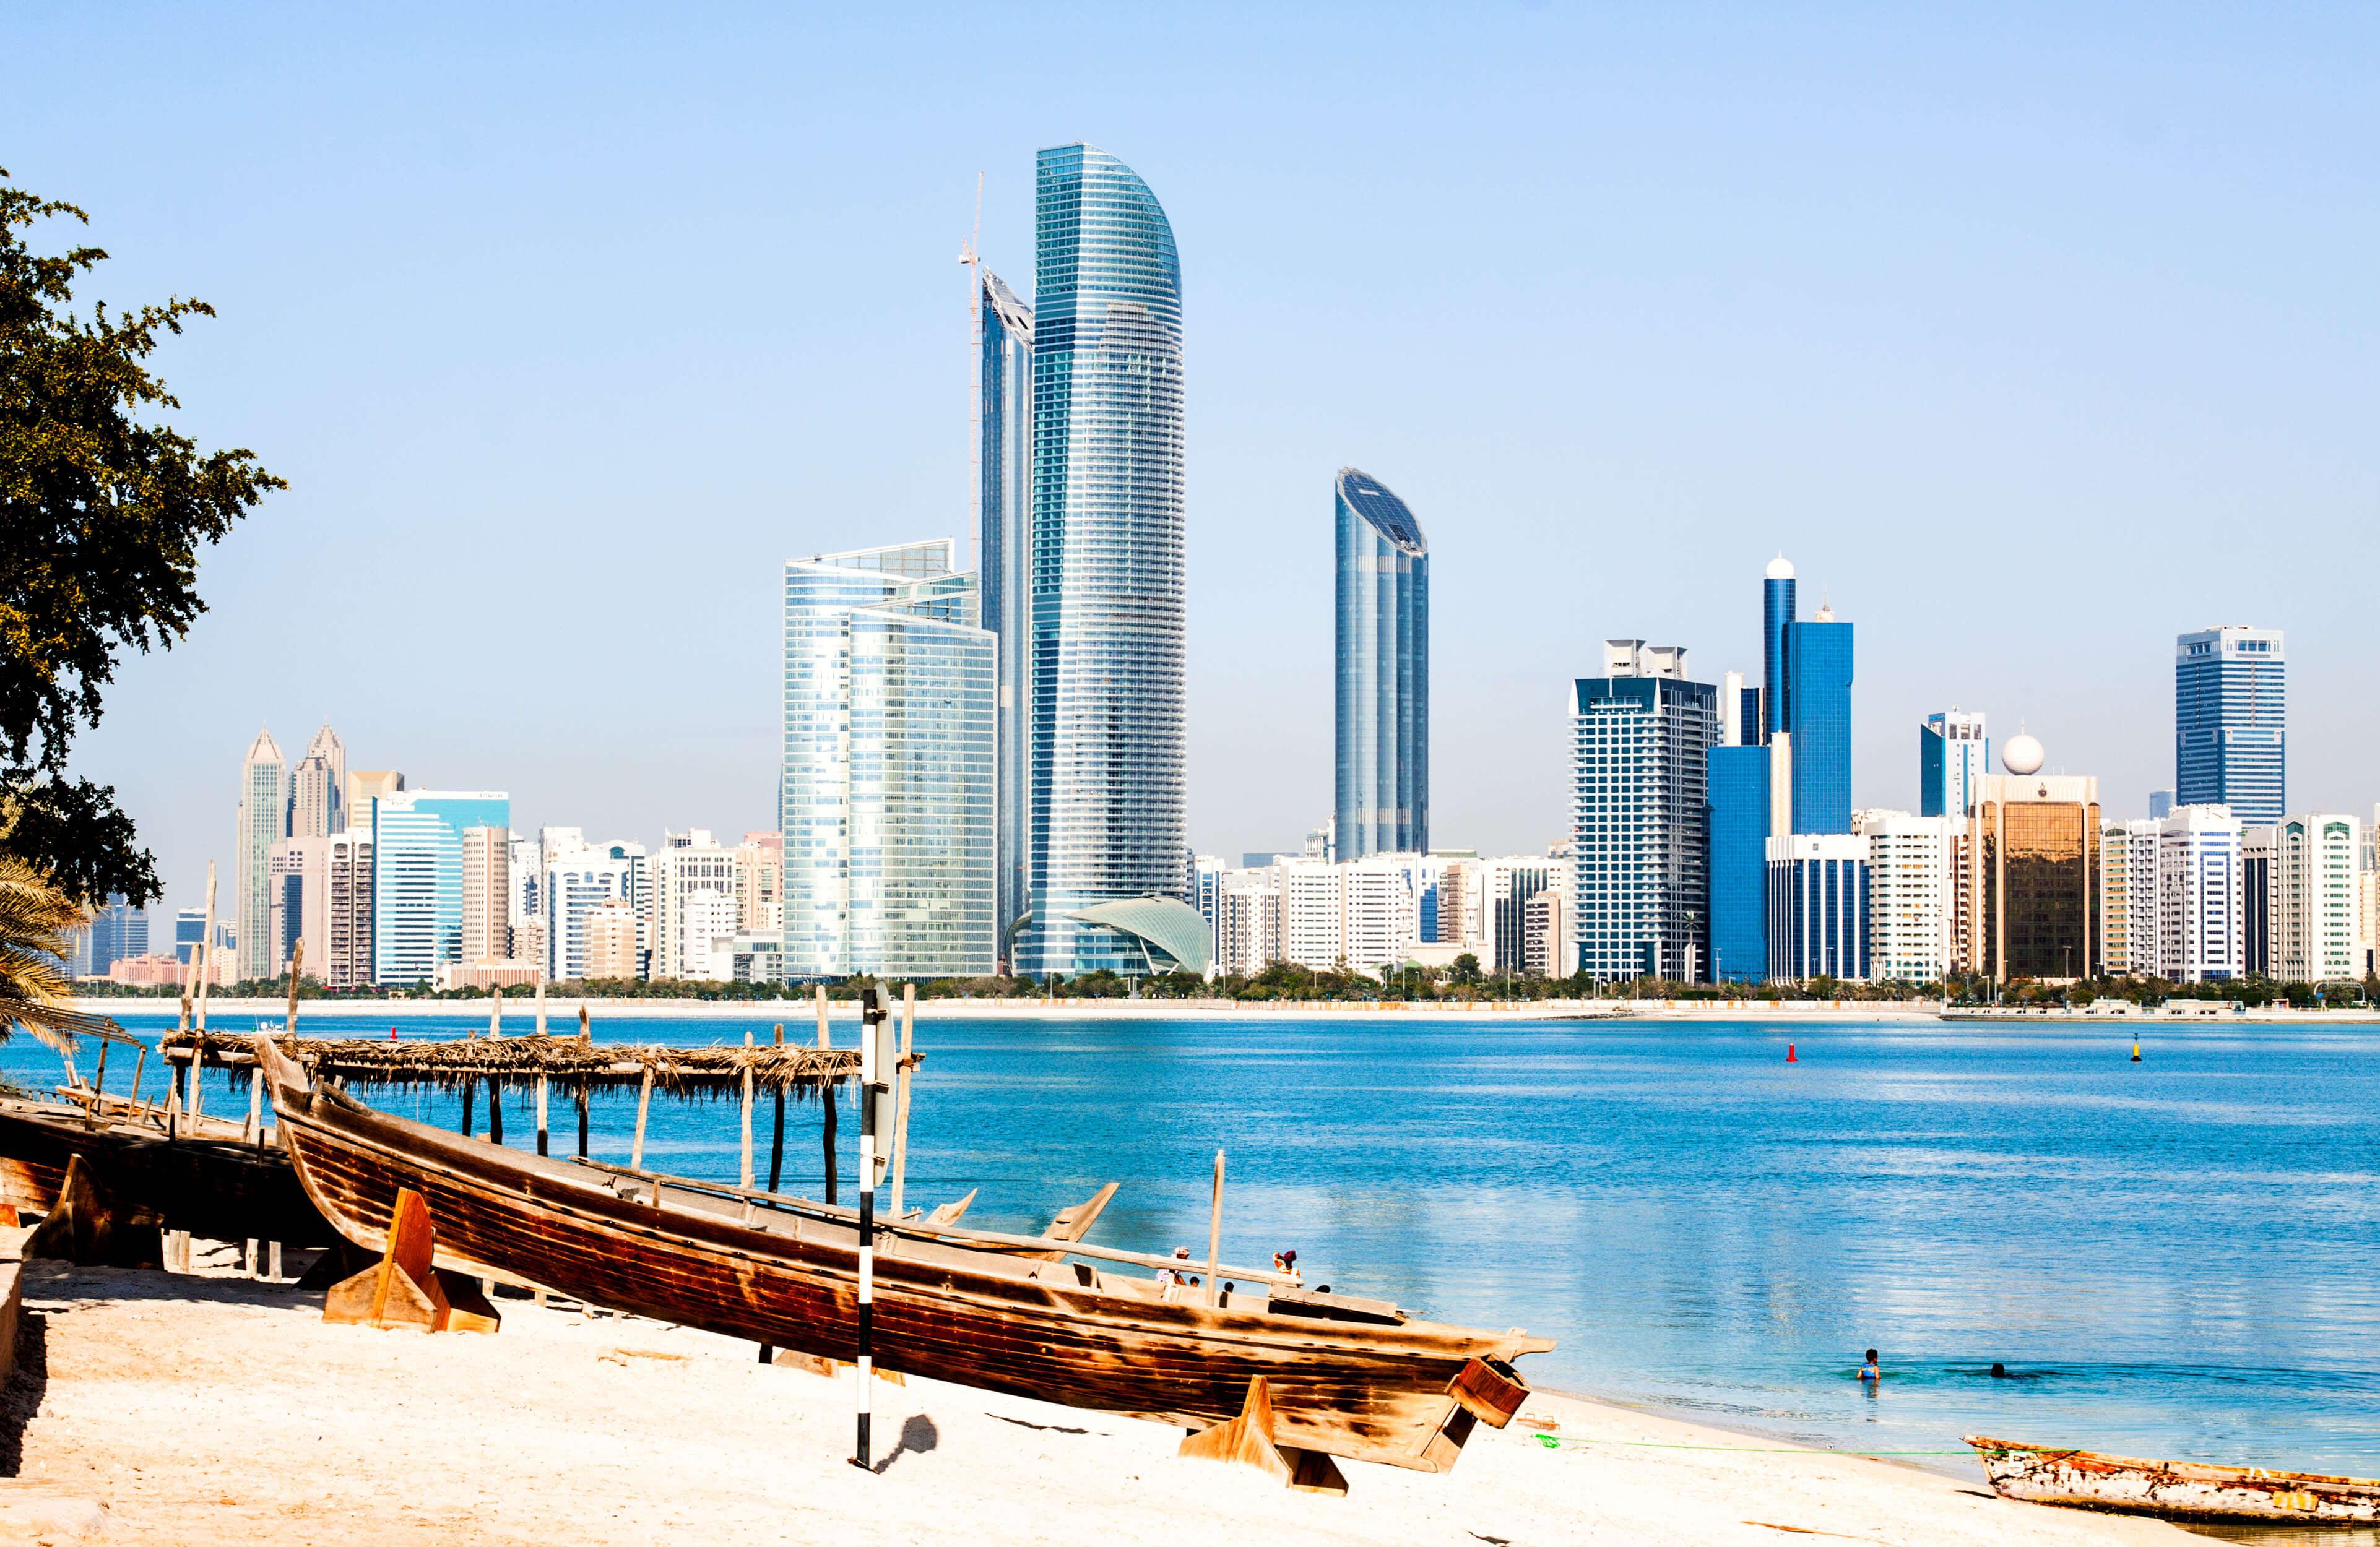 Арабские эмираты дубай отдых цены пегас хельсинки купить квартиру